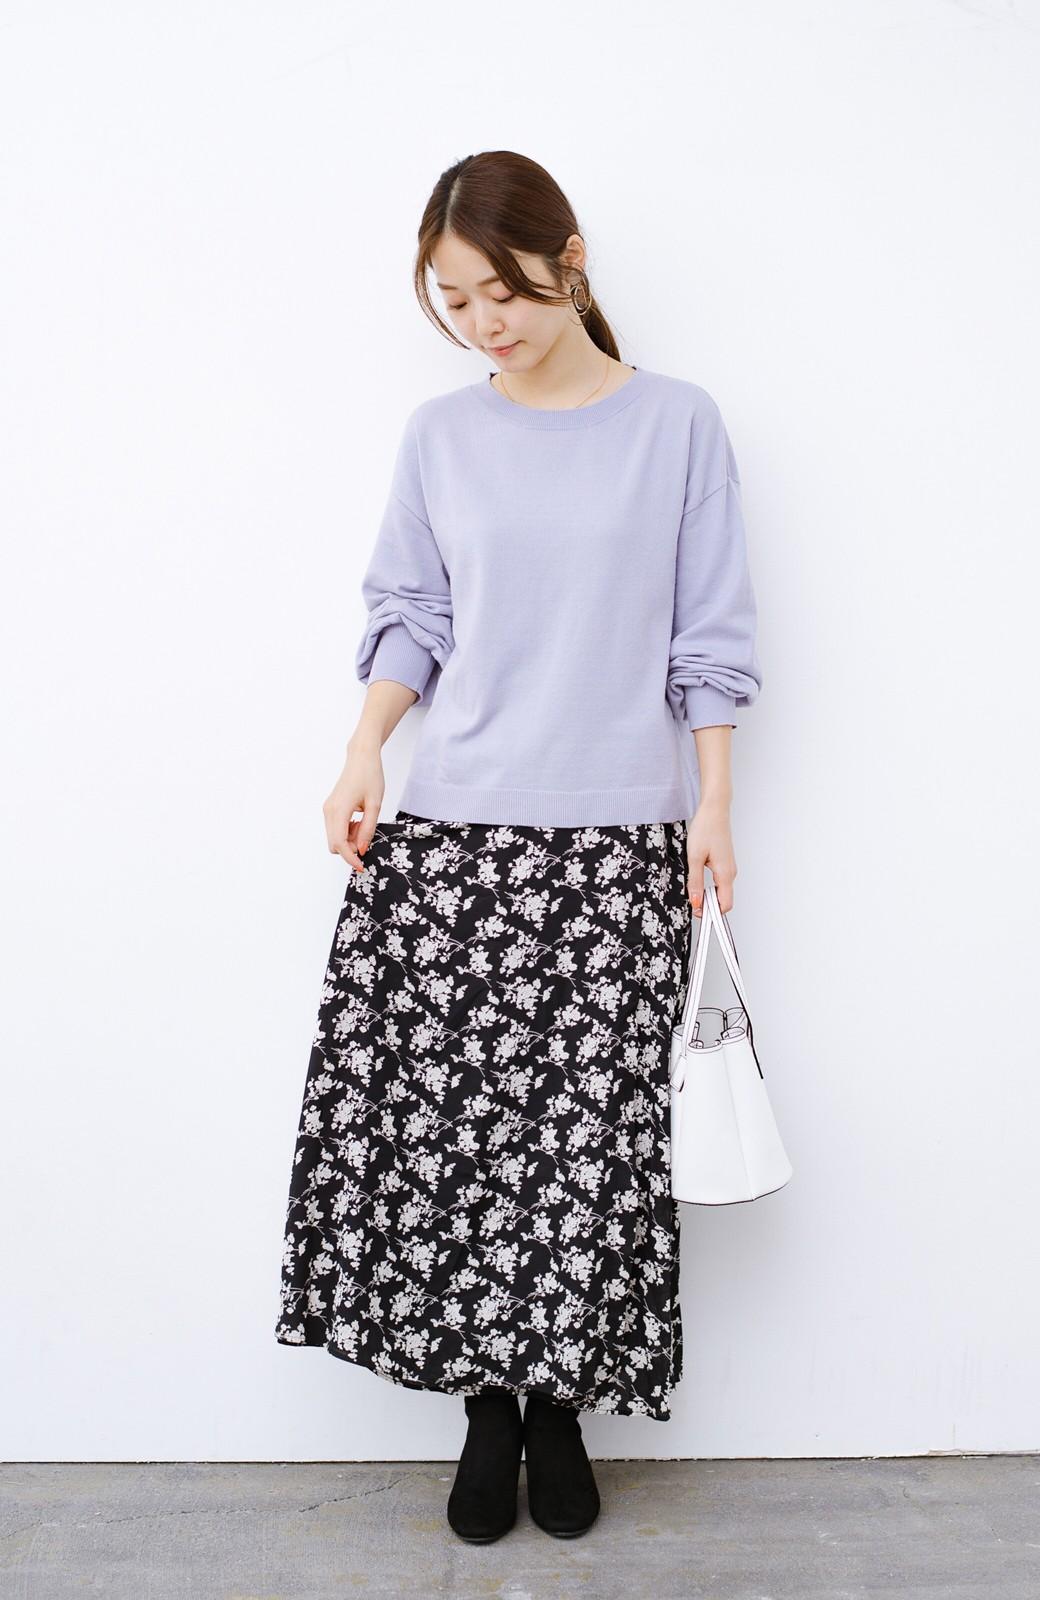 haco! デニムにもスカートにも似合う!すぽっと履けてスタイルアップが叶う女っぽフェイクスエードブーツ <ブラック>の商品写真14